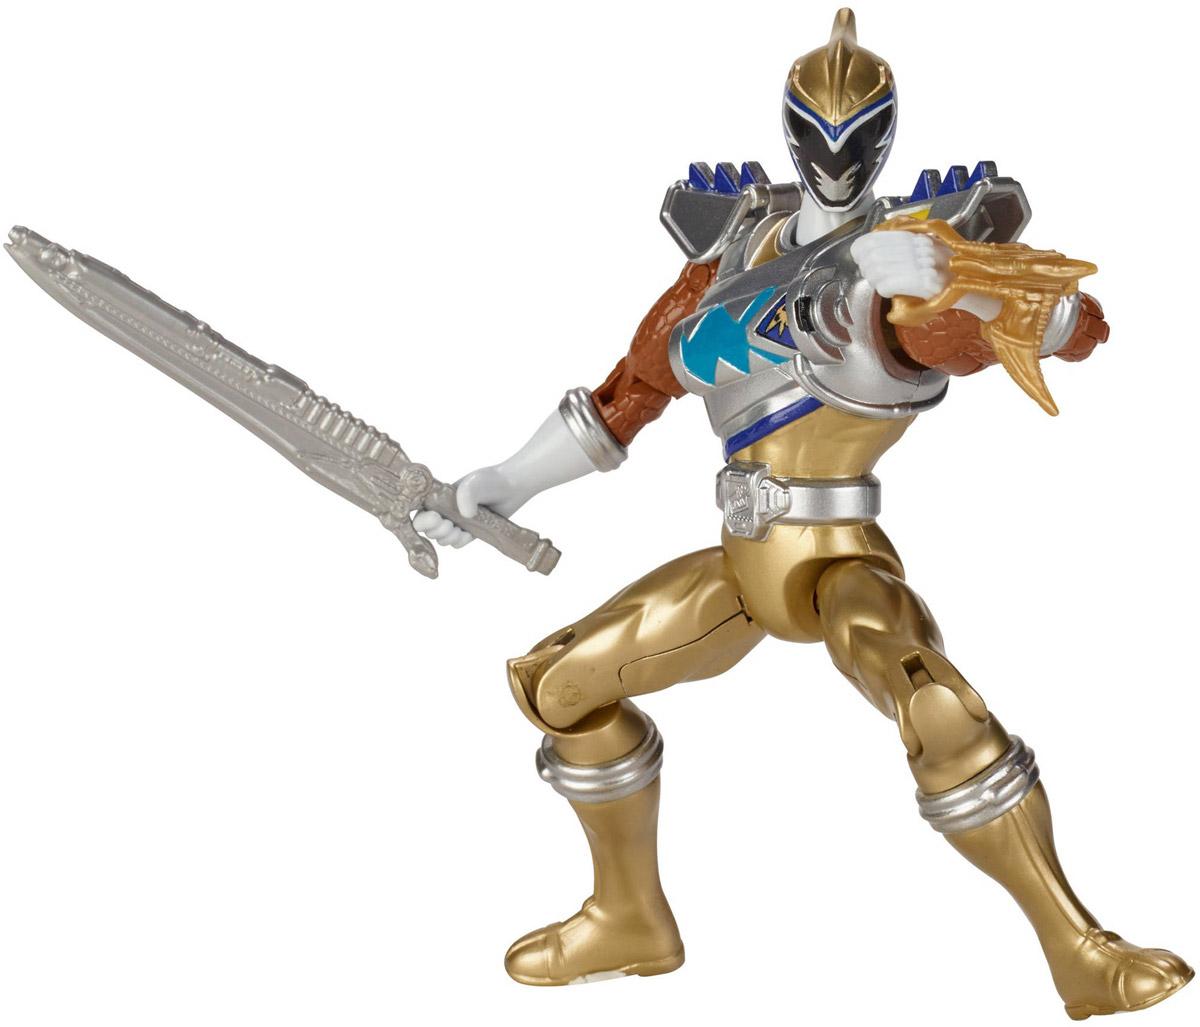 Power Rangers Фигурка Dino Drive Gold Ranger43200_43233Фигурка Power Rangers Dino Drive Gold Ranger станет прекрасным подарком для вашего ребенка. Она выполнена из прочного пластика ярких цветов в виде непревзойденного рейнджера с оружием (в комплекте). Руки, ноги и голова фигурки подвижны. Могучие рейнджеры - американский телесериал в жанре токусацу, созданный компанией Saban в 1993 году на основе японского сериала Super Sentai Show. С 2003 года производился компанией Disney. Ваш ребенок будет часами играть с этой фигуркой, придумывая различные истории с участием любимого героя.